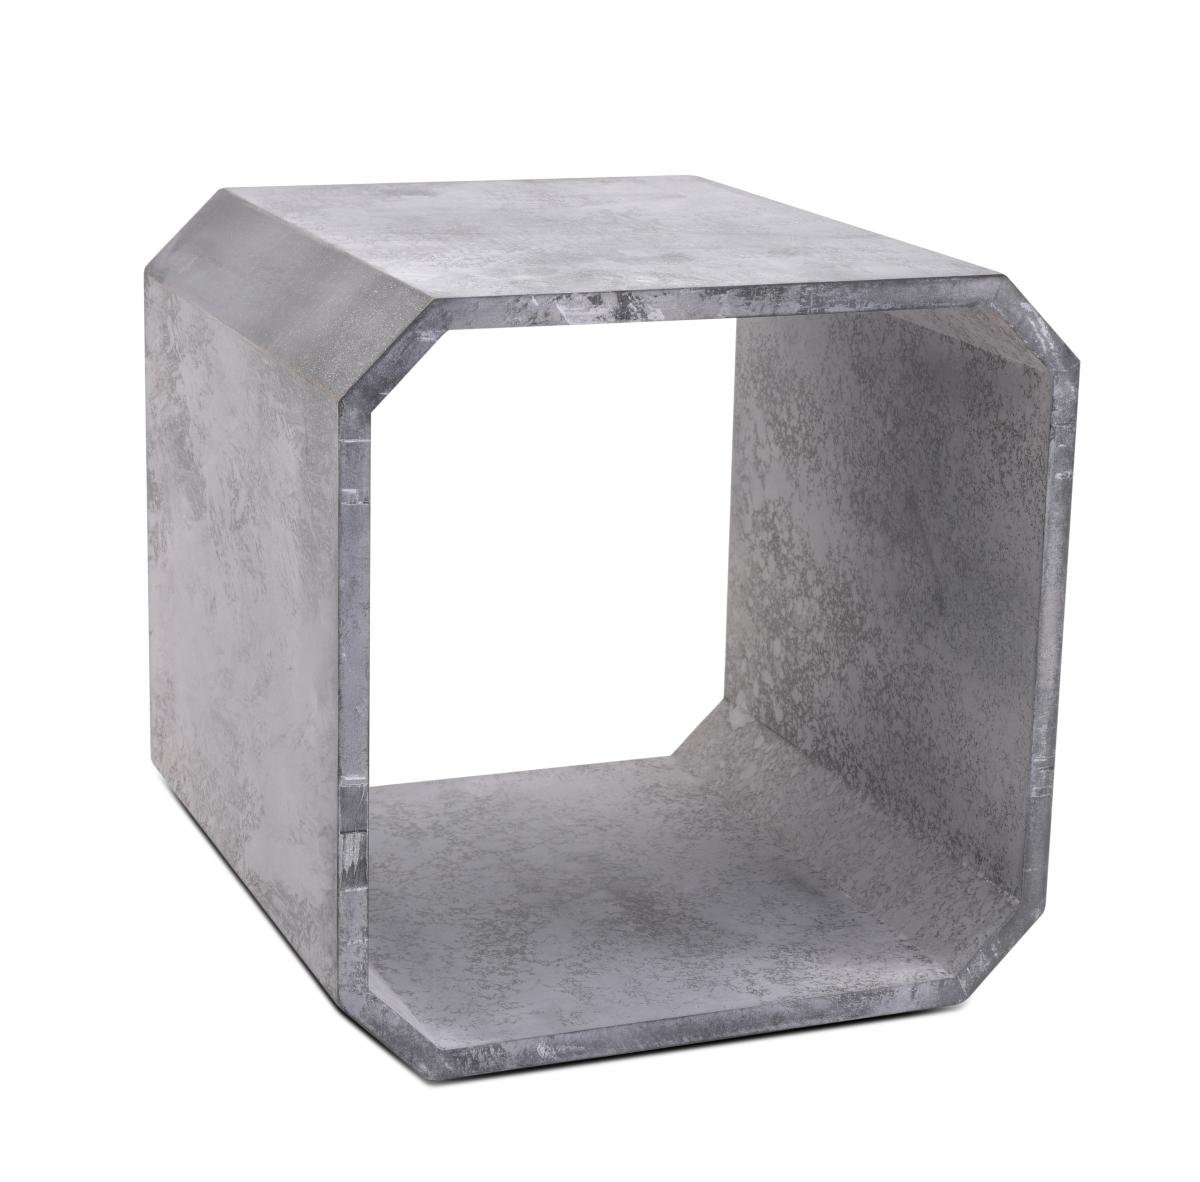 Dřevěný regál netradičního tvaru dekor šedého mramoru